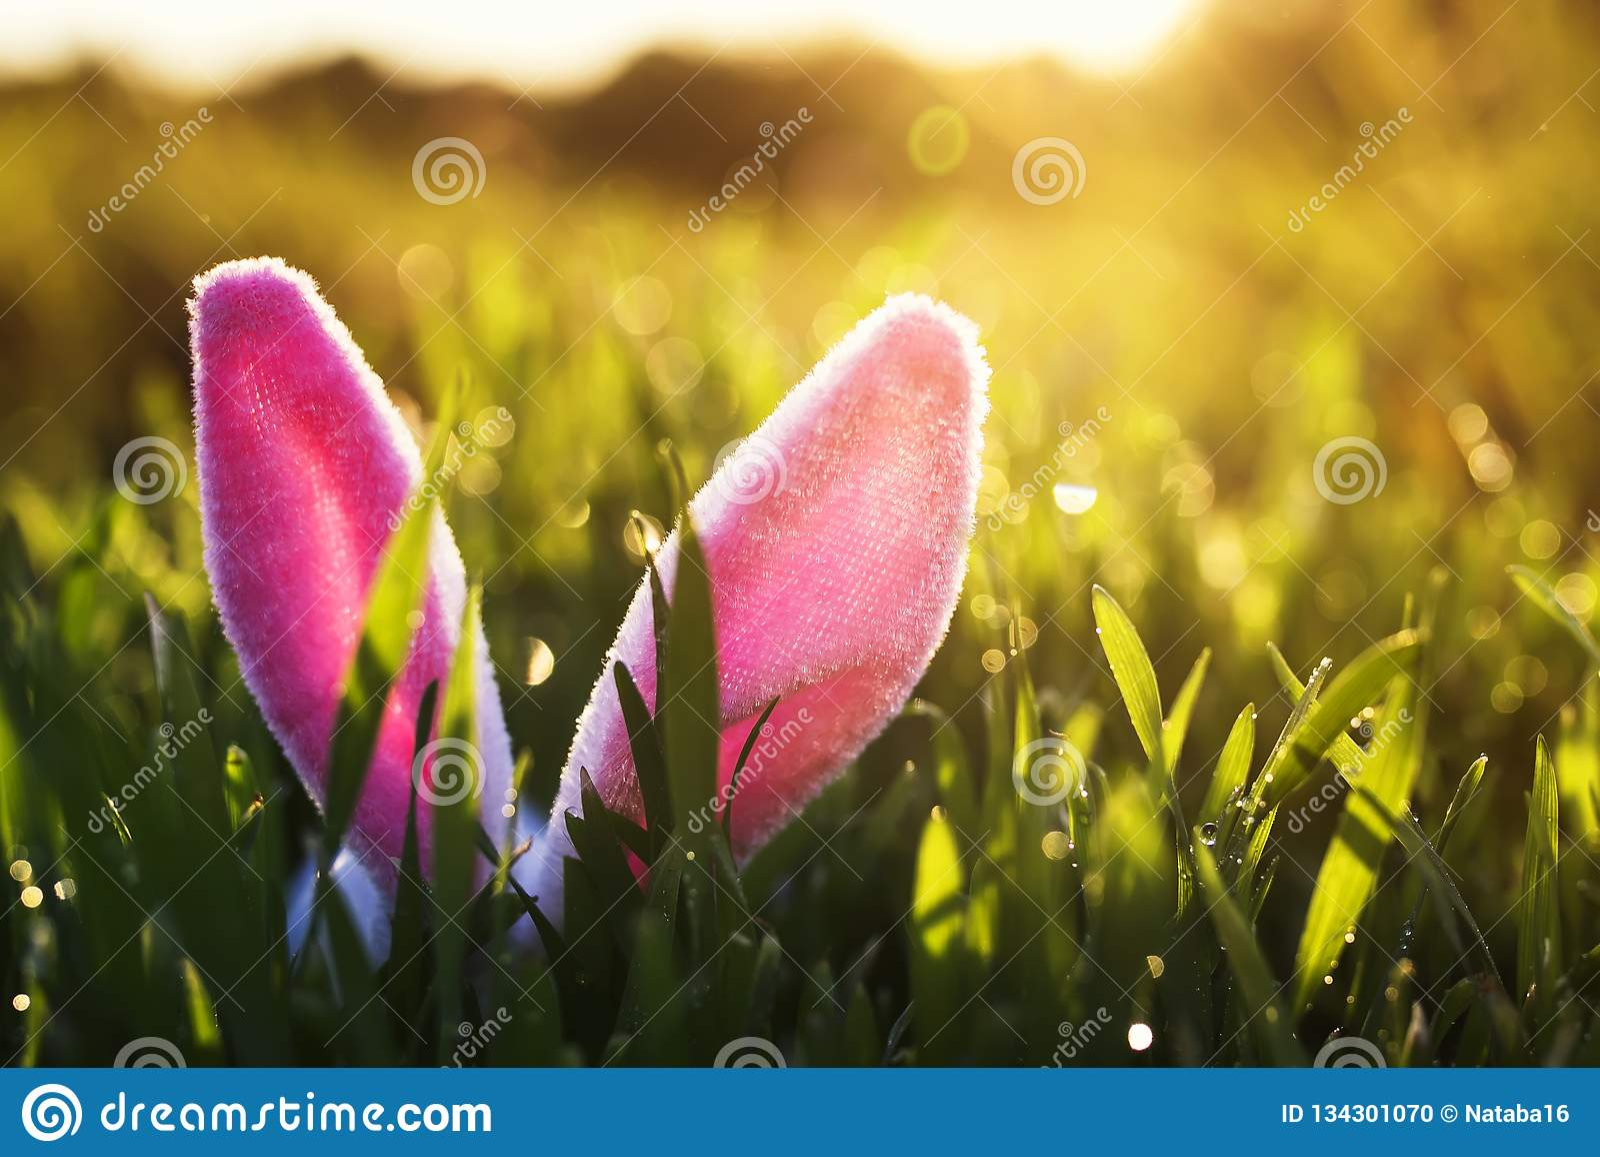 Lustige Ostern-Szene mit einem Paar rosa Häschenohren, die aus dem üppigen grünen Gras heraus durchnäßt in der sonnigen warmen Fr